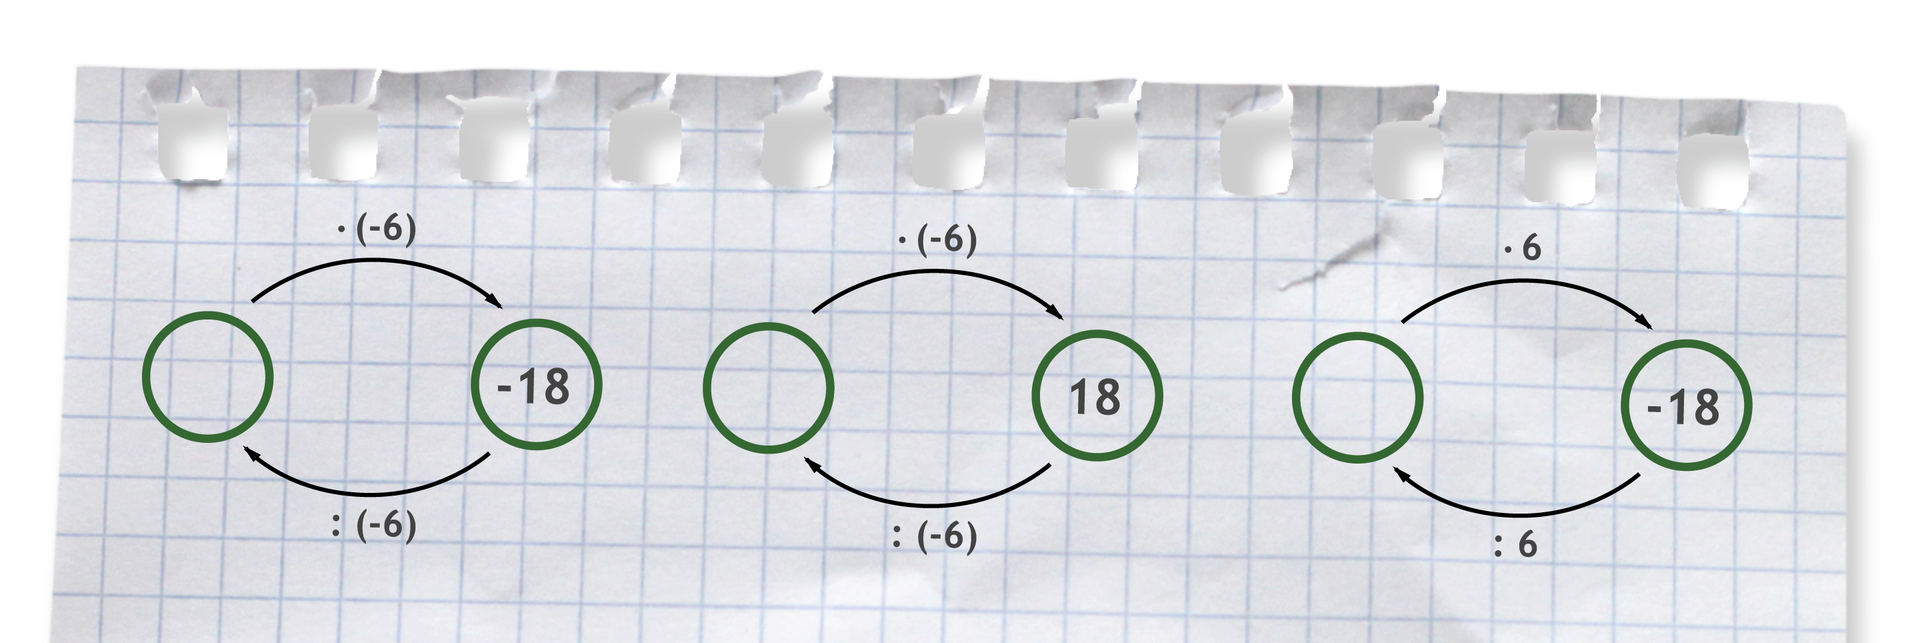 Trzy grafy ilustrujące sposób rozwiązania przykładów. Pierwszy graf: puste razy (-6) równa się (-18) oraz (-18) dzielone przez (-6) równa się puste. Drugi graf: puste razy (-6) równa się 18 oraz 18 dzielone przez (-6) równa się puste. Trzeci graf: puste razy 6 równa się (-18) oraz (-18) dzielone przez 6 równa się puste.